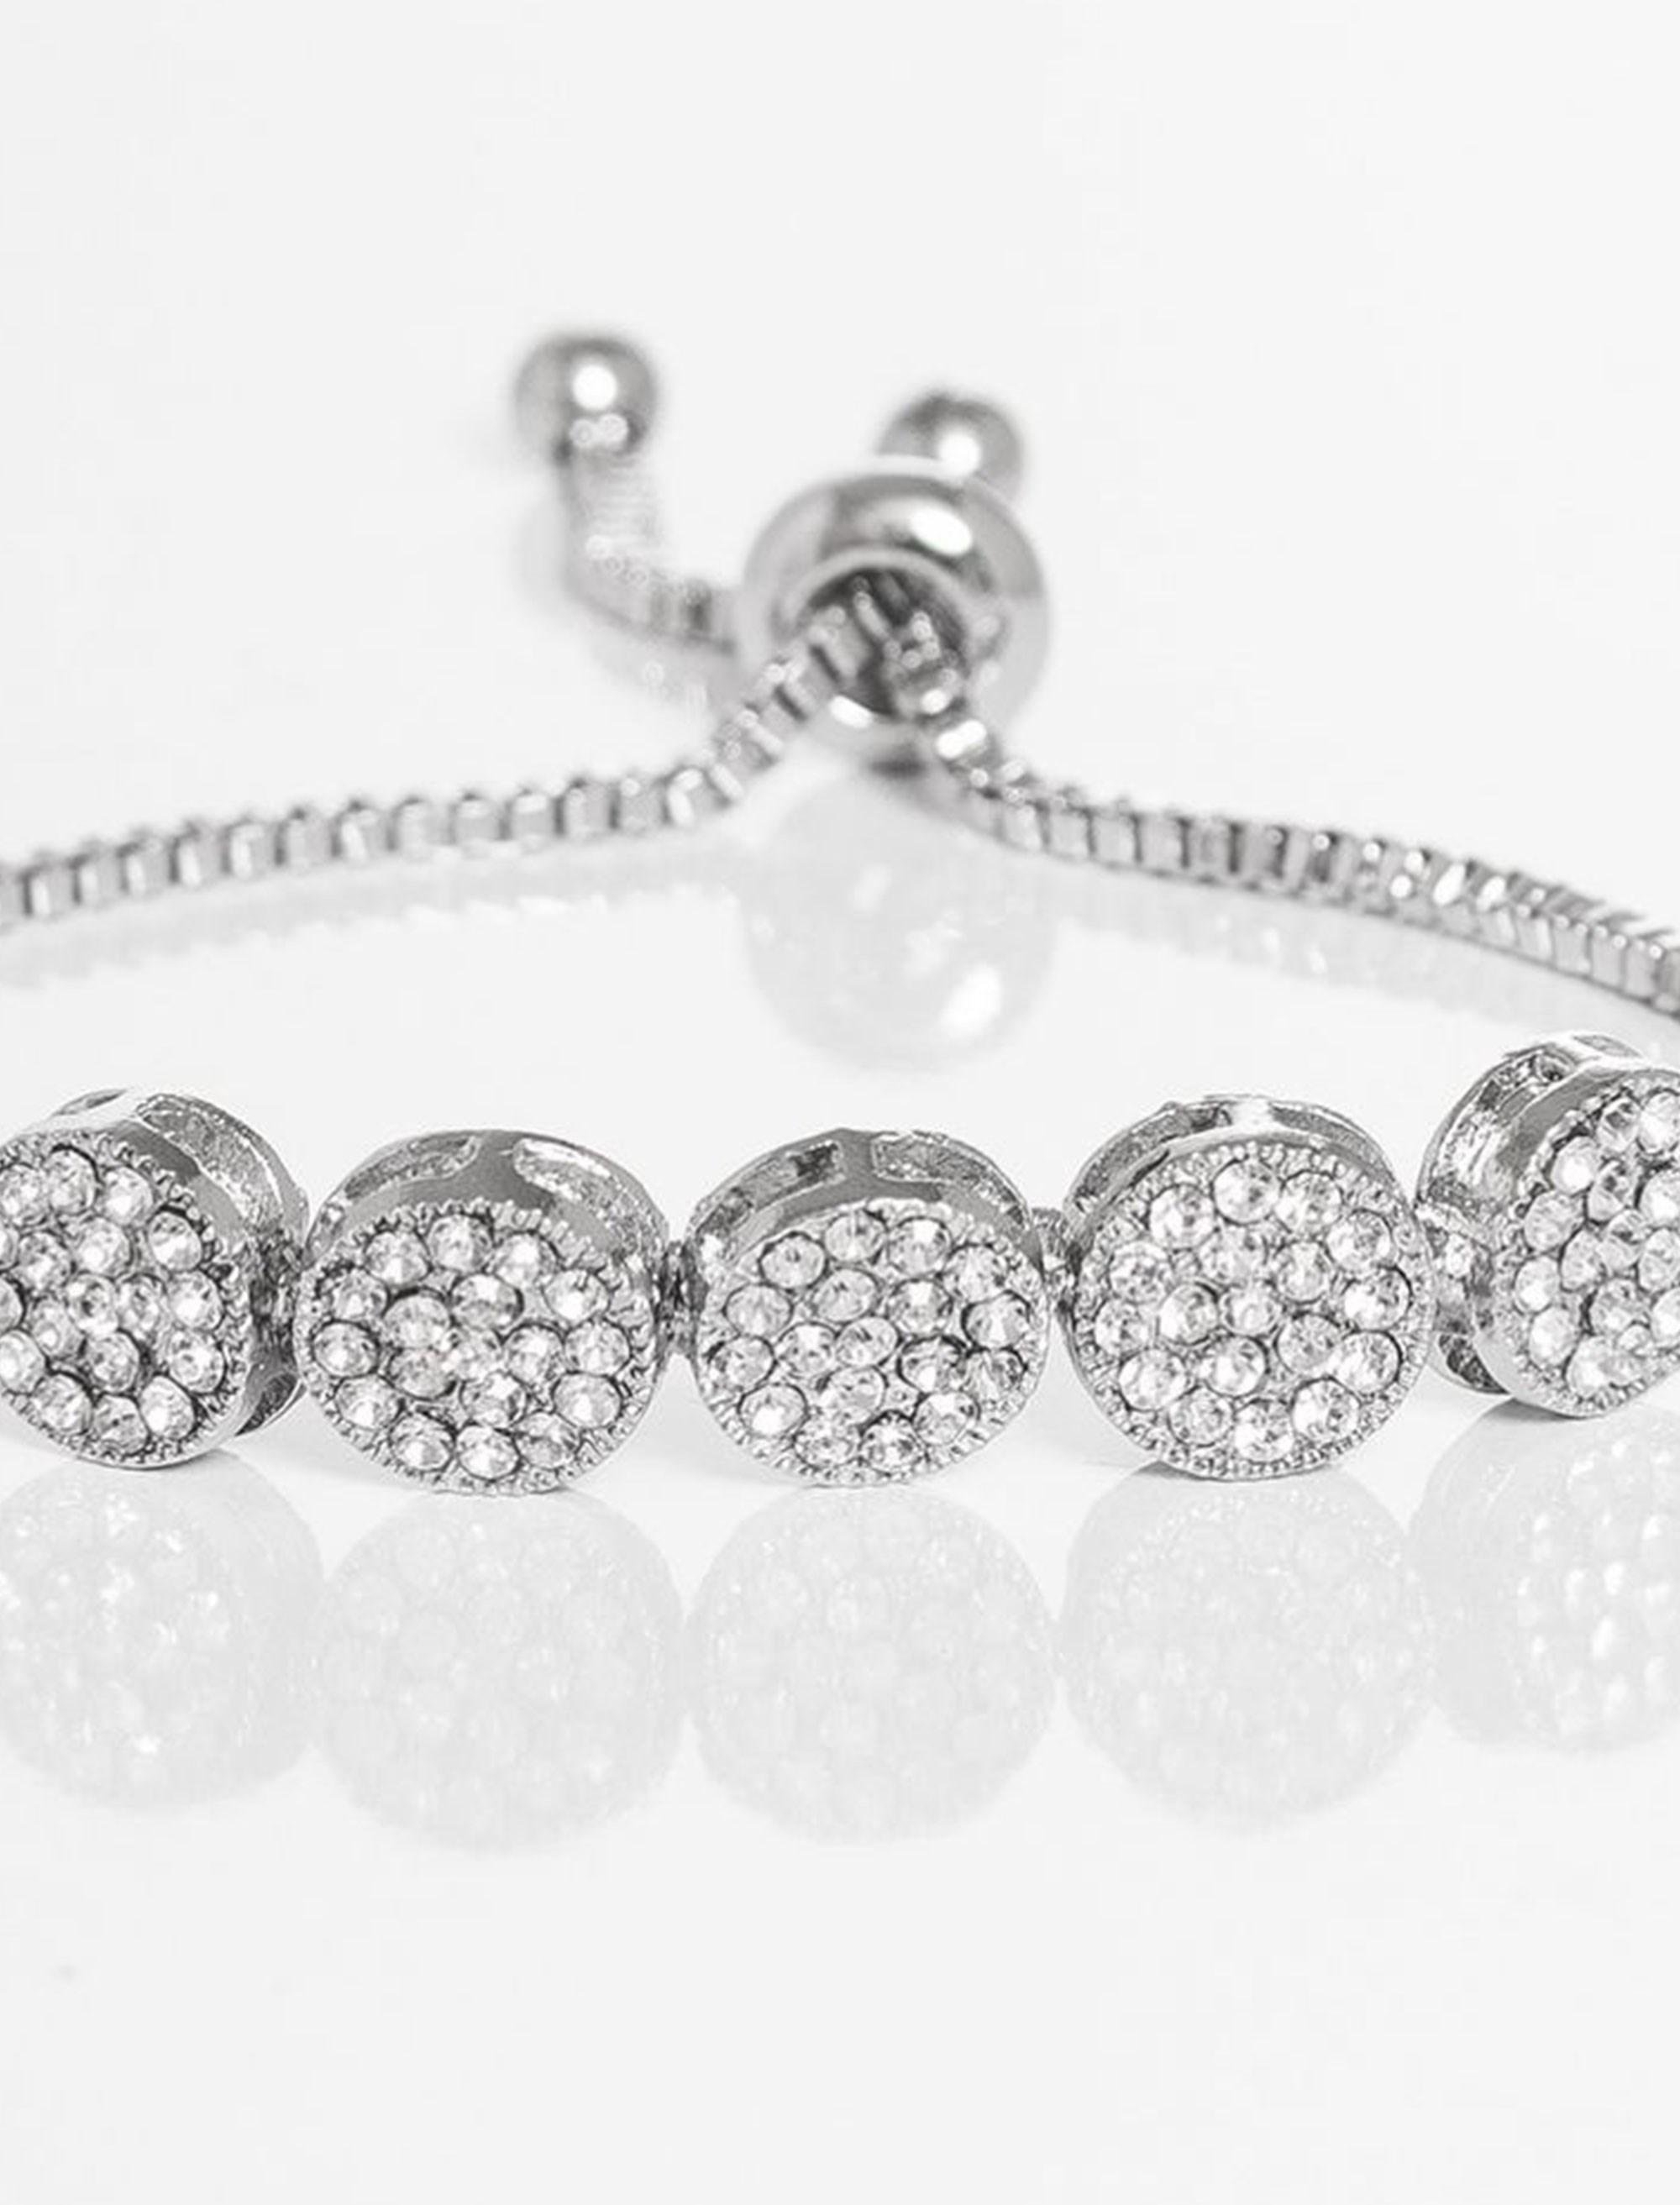 دستبند زنجیری زنانه - کوییز - نقره اي - 4